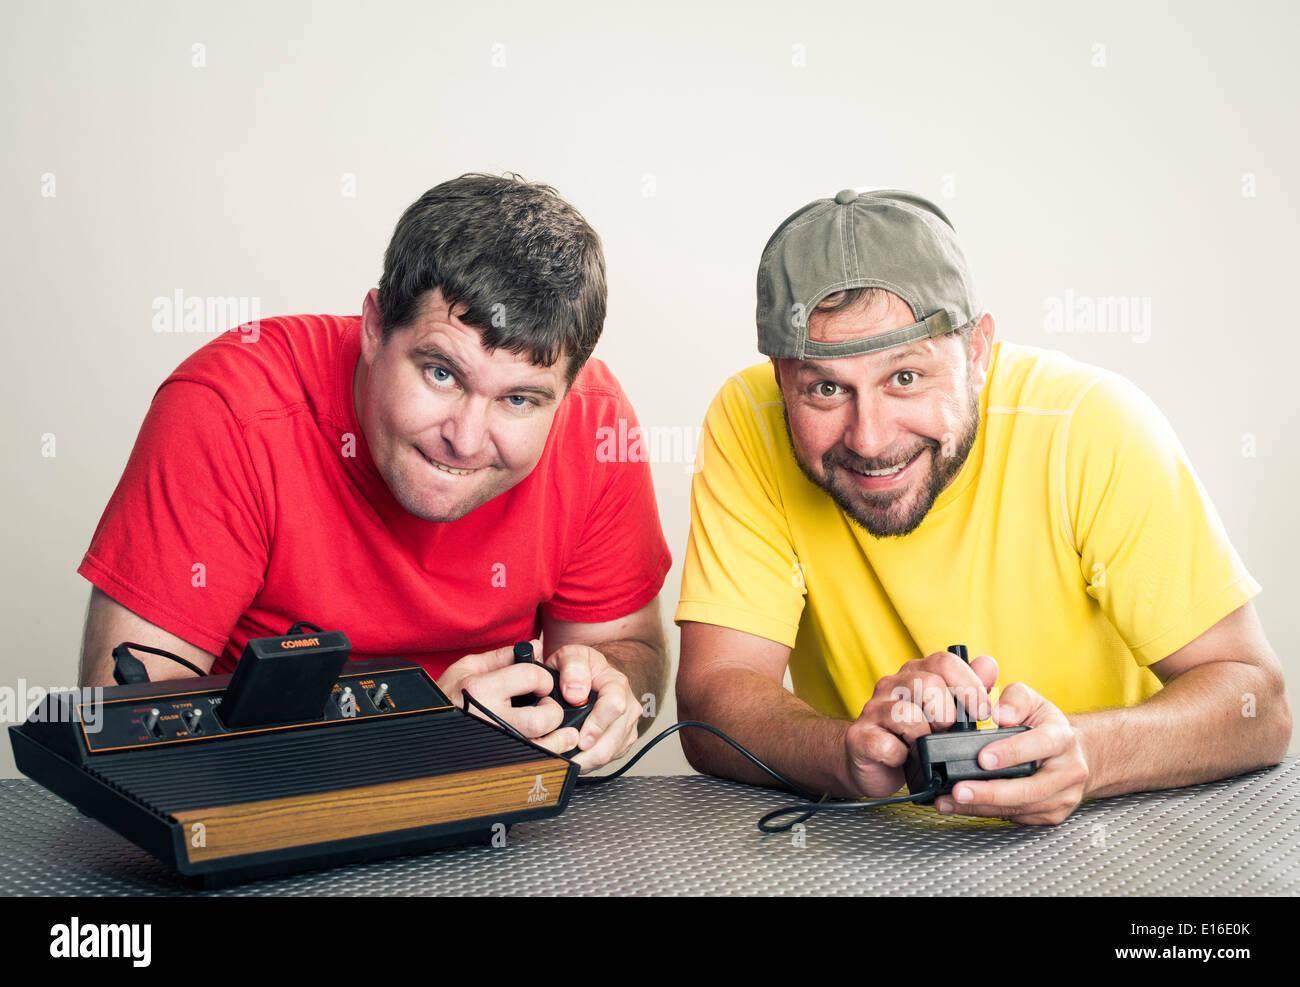 Les gars à l'Atari 2600 est une console de jeux vidéo Atari VCS, pour la vidéo Système informatique avec jeu de combat Photo Stock